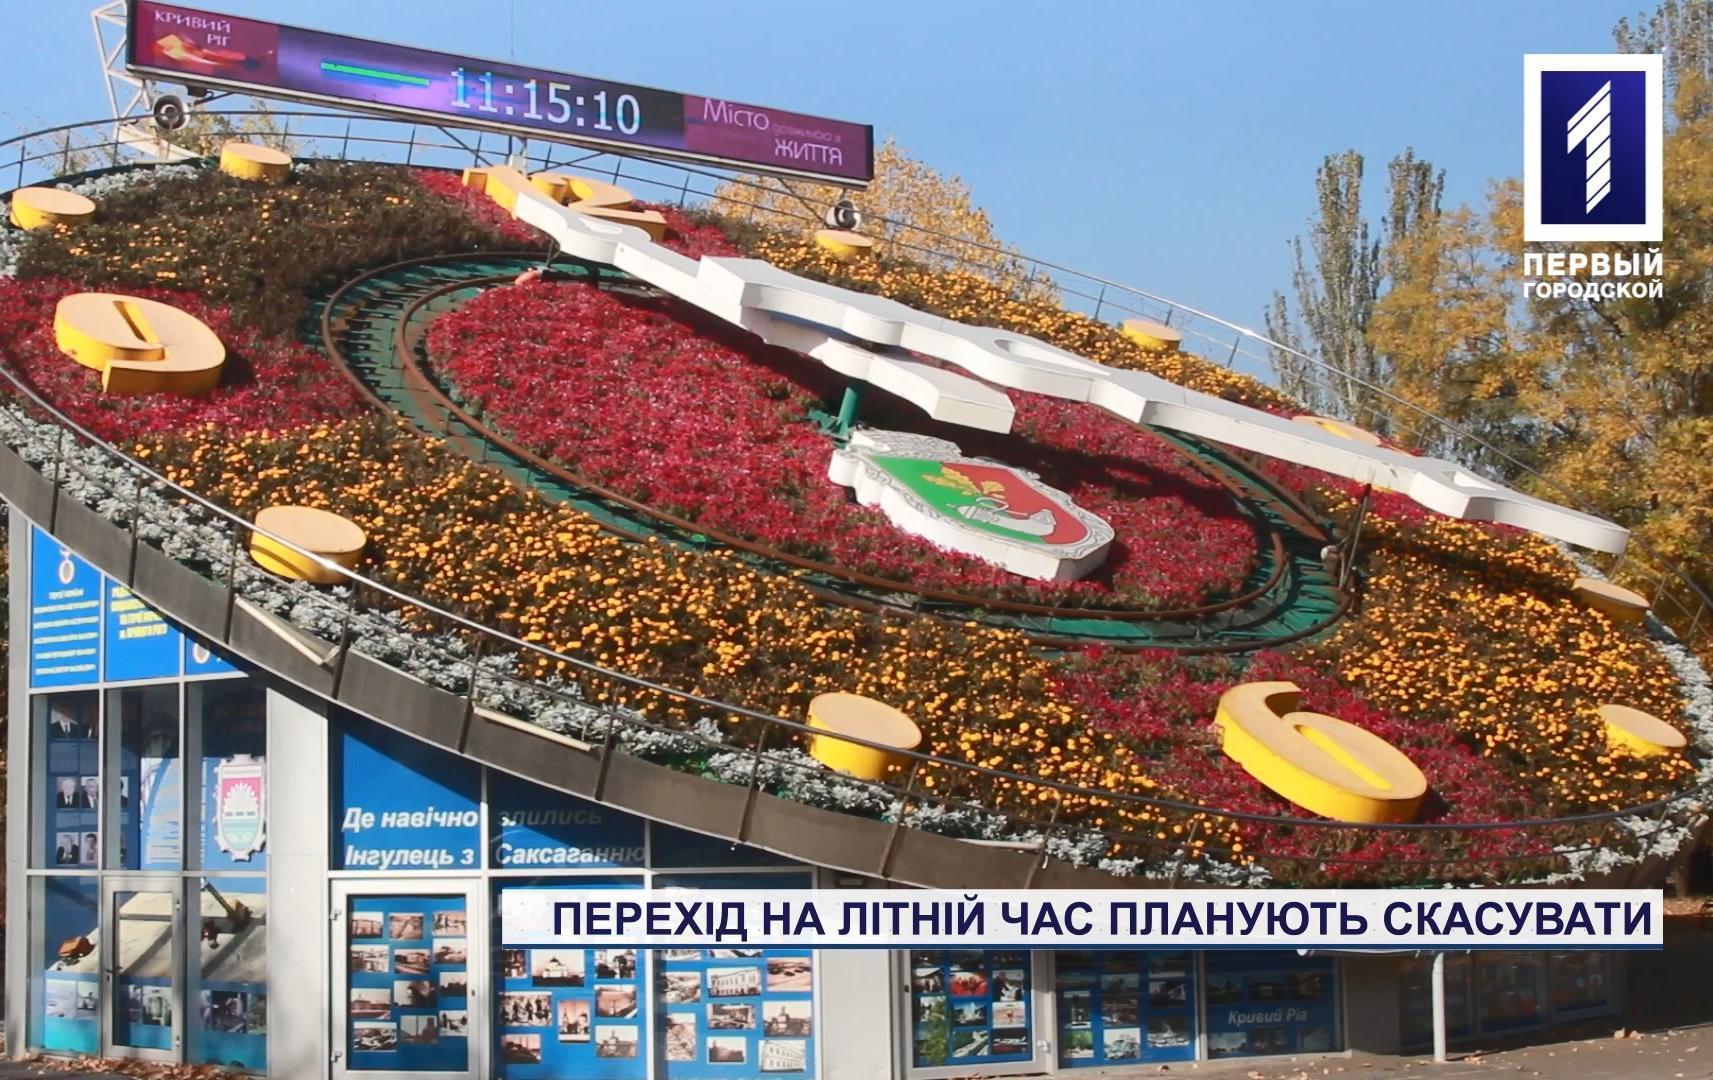 В Украине в конце октября переведут часы, а переход на летнее время планируют отменить